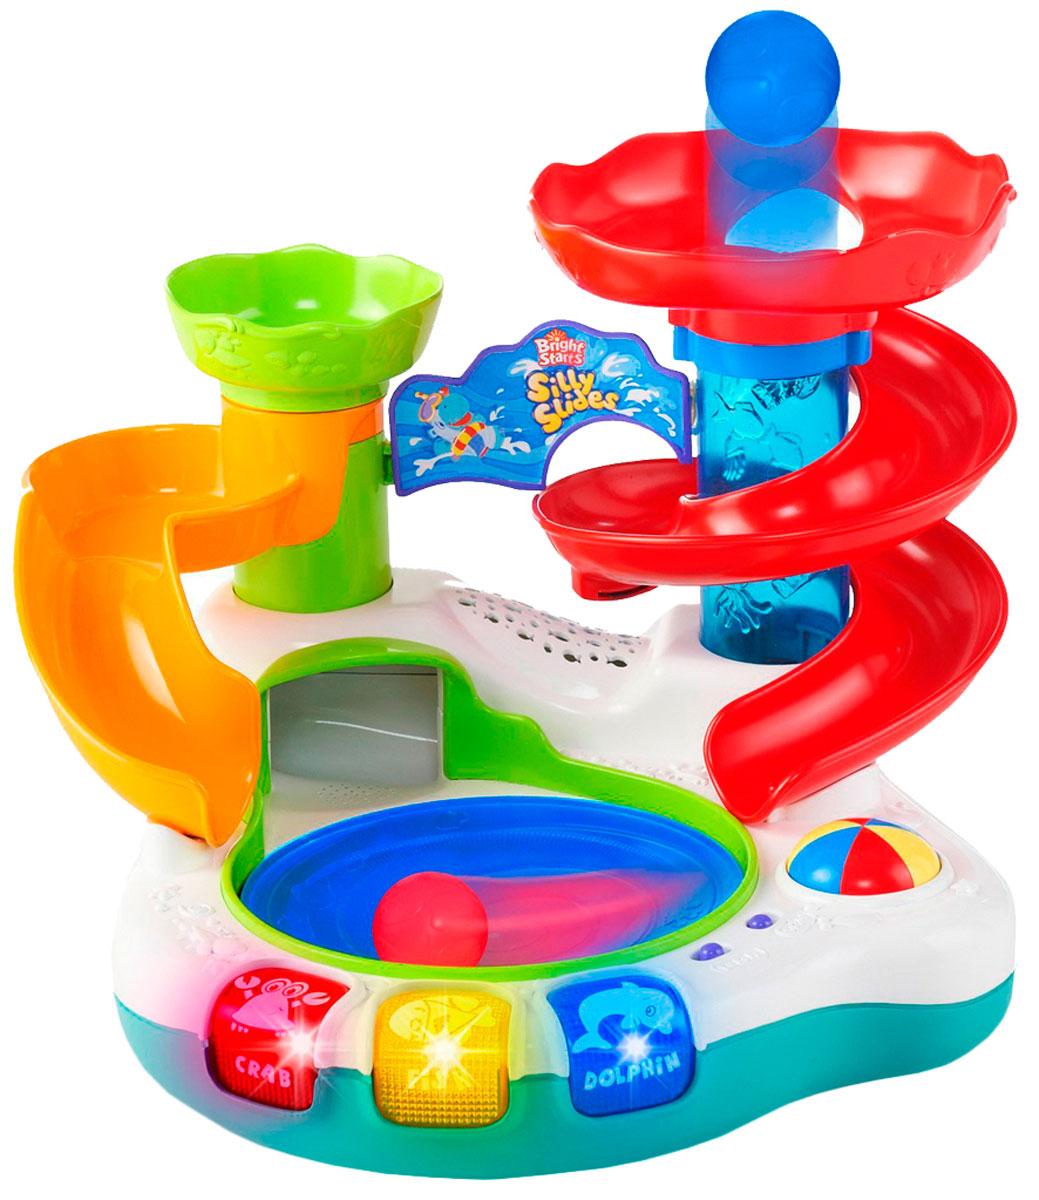 Bright Starts Развивающая игрушка Аквапарк развивающие деревянные игрушки пазл для малышей репка 4 в 1